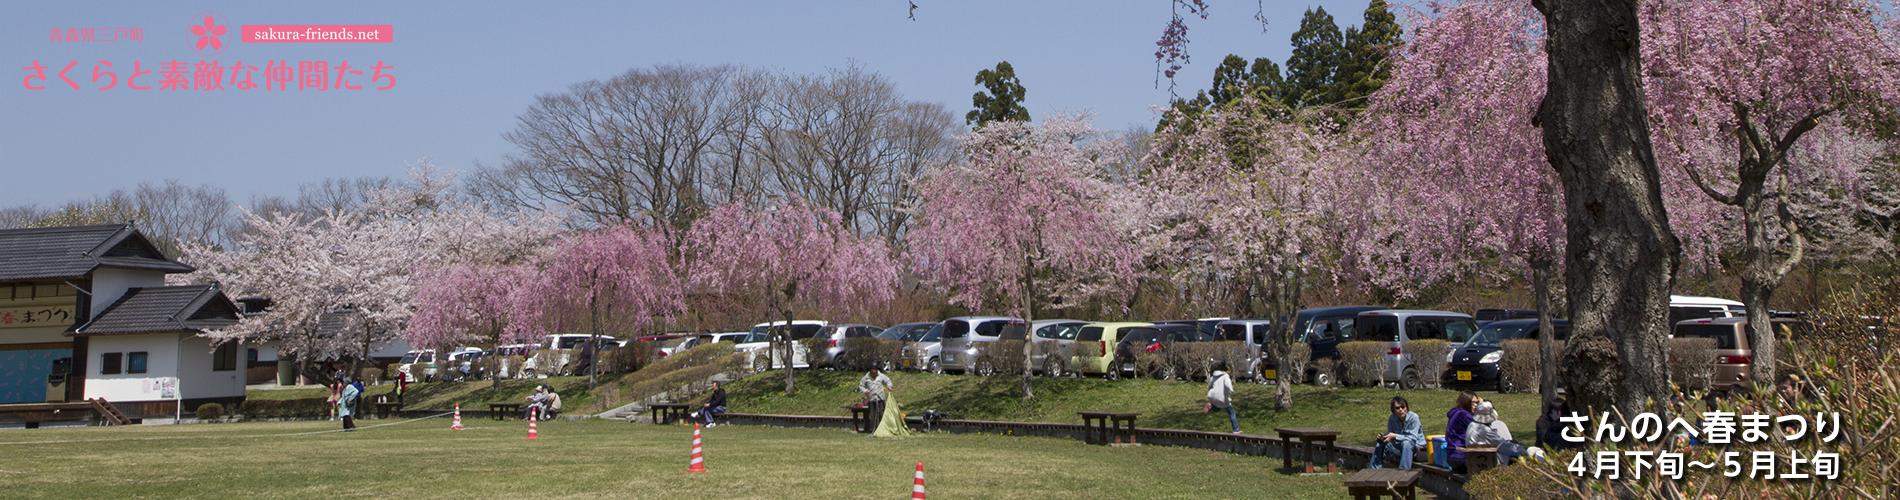 さんのへ春まつり(4月下旬〜5月上旬)